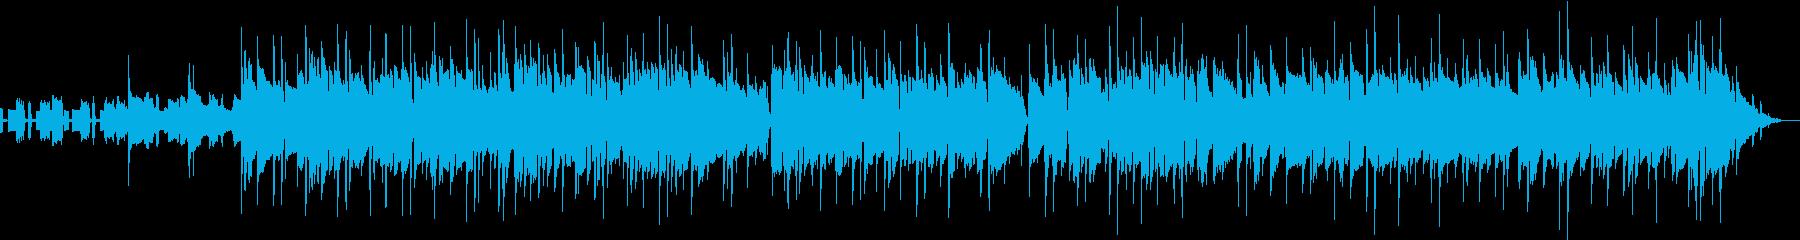 暑い日をイメージしたクラシックロックの再生済みの波形